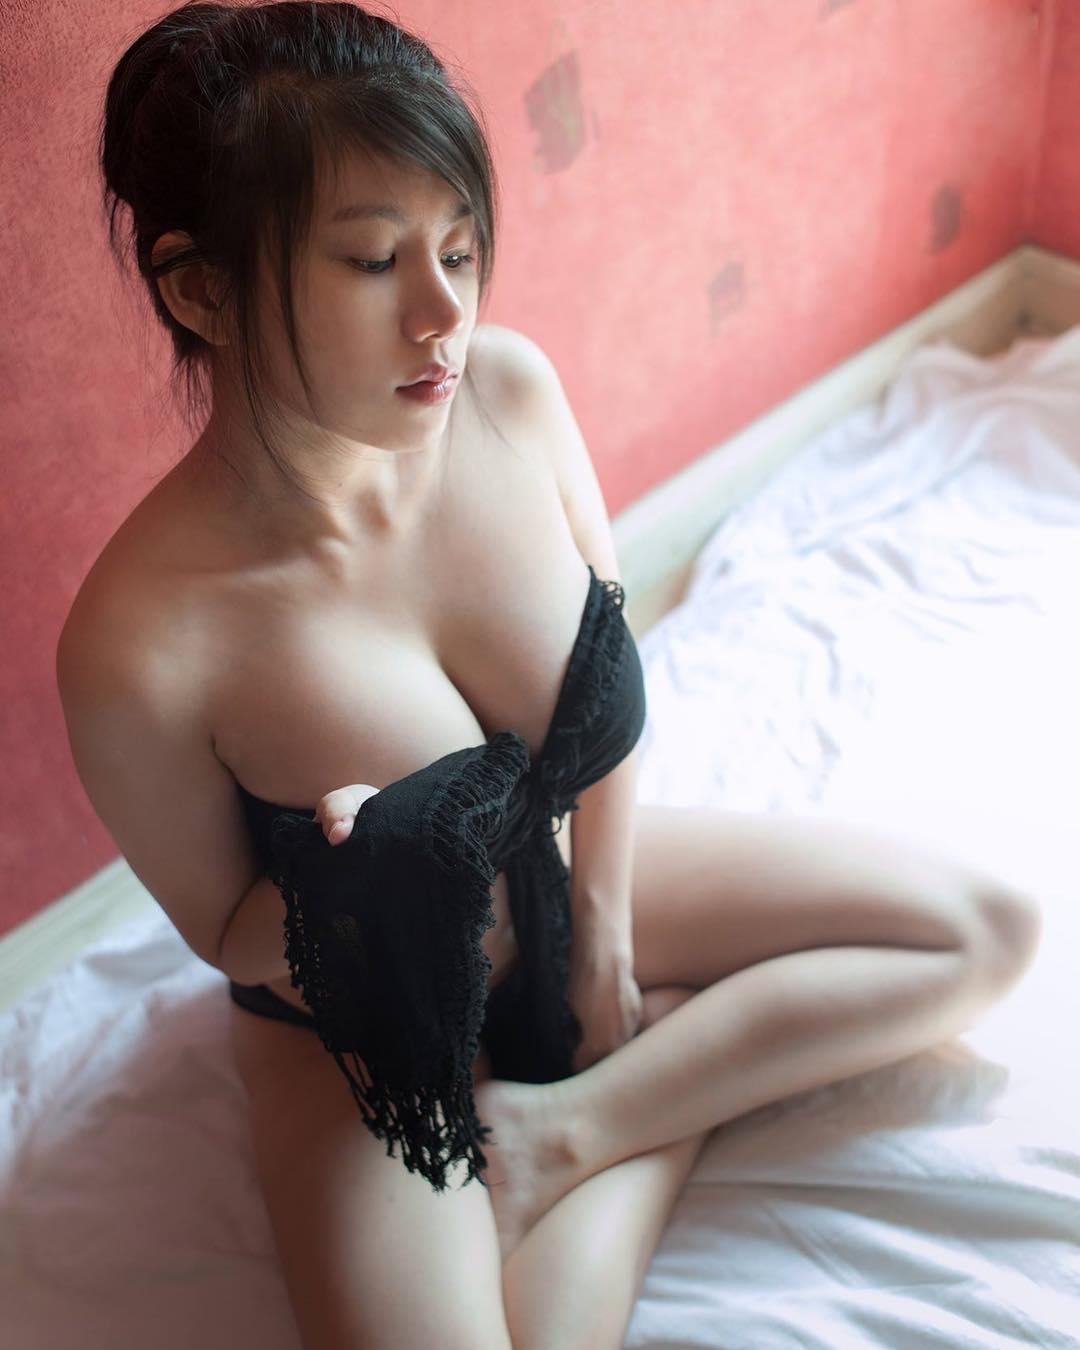 Cerita Sex Gadis Cantik Adik Sohibku Yang Menjadi Fantasi Sexual Ku